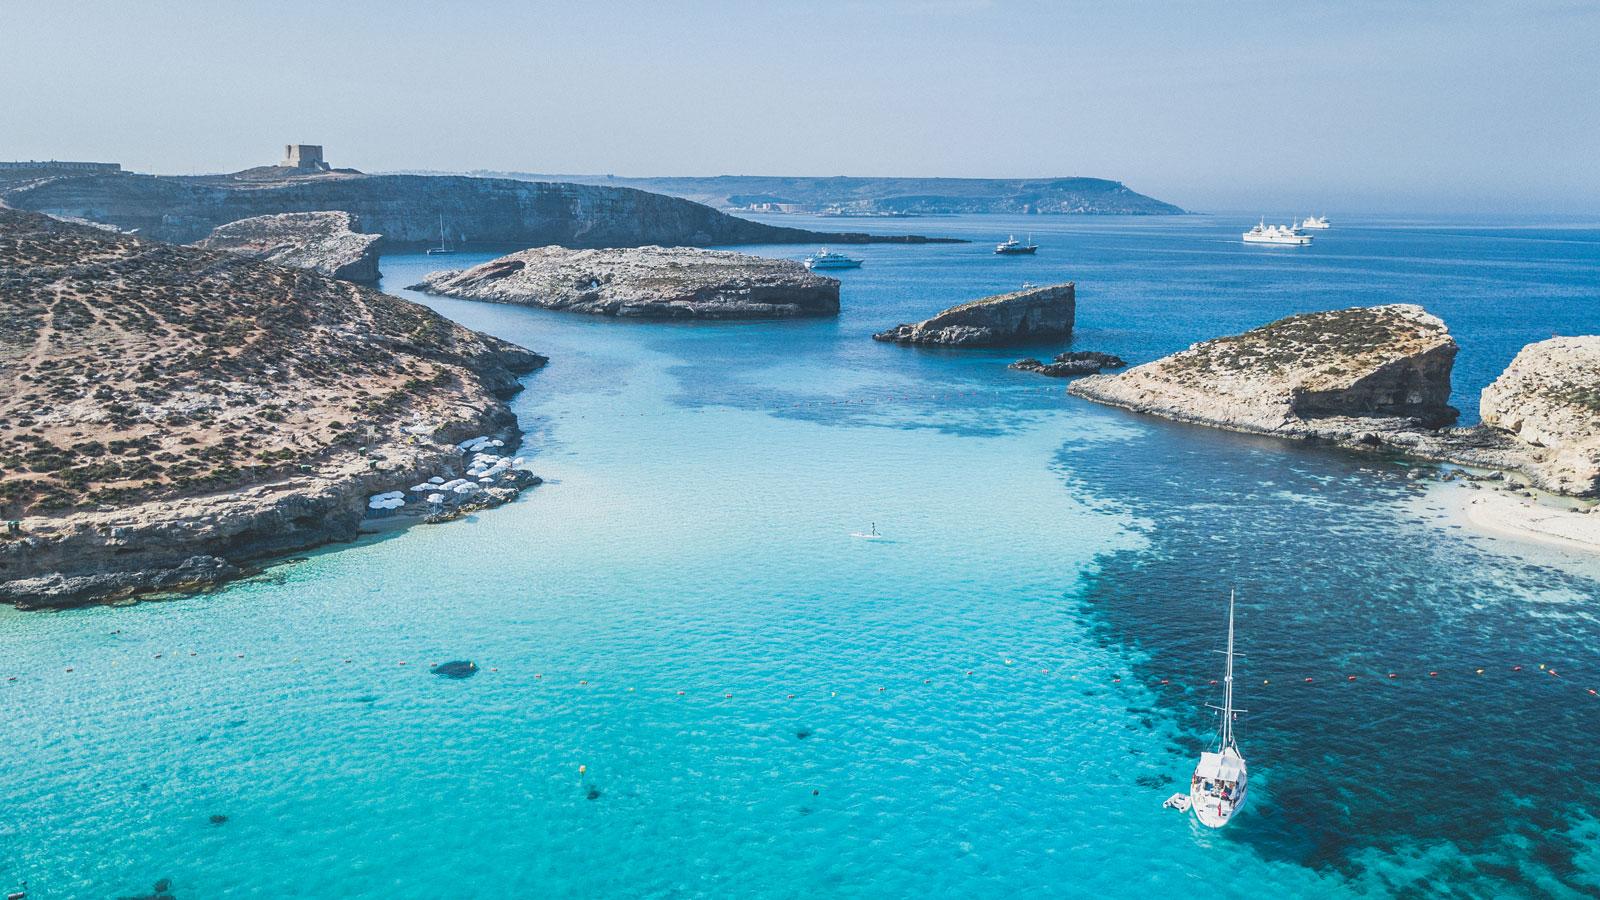 Primavera 2019, in arrivo nuovi voli diretti per Malta!